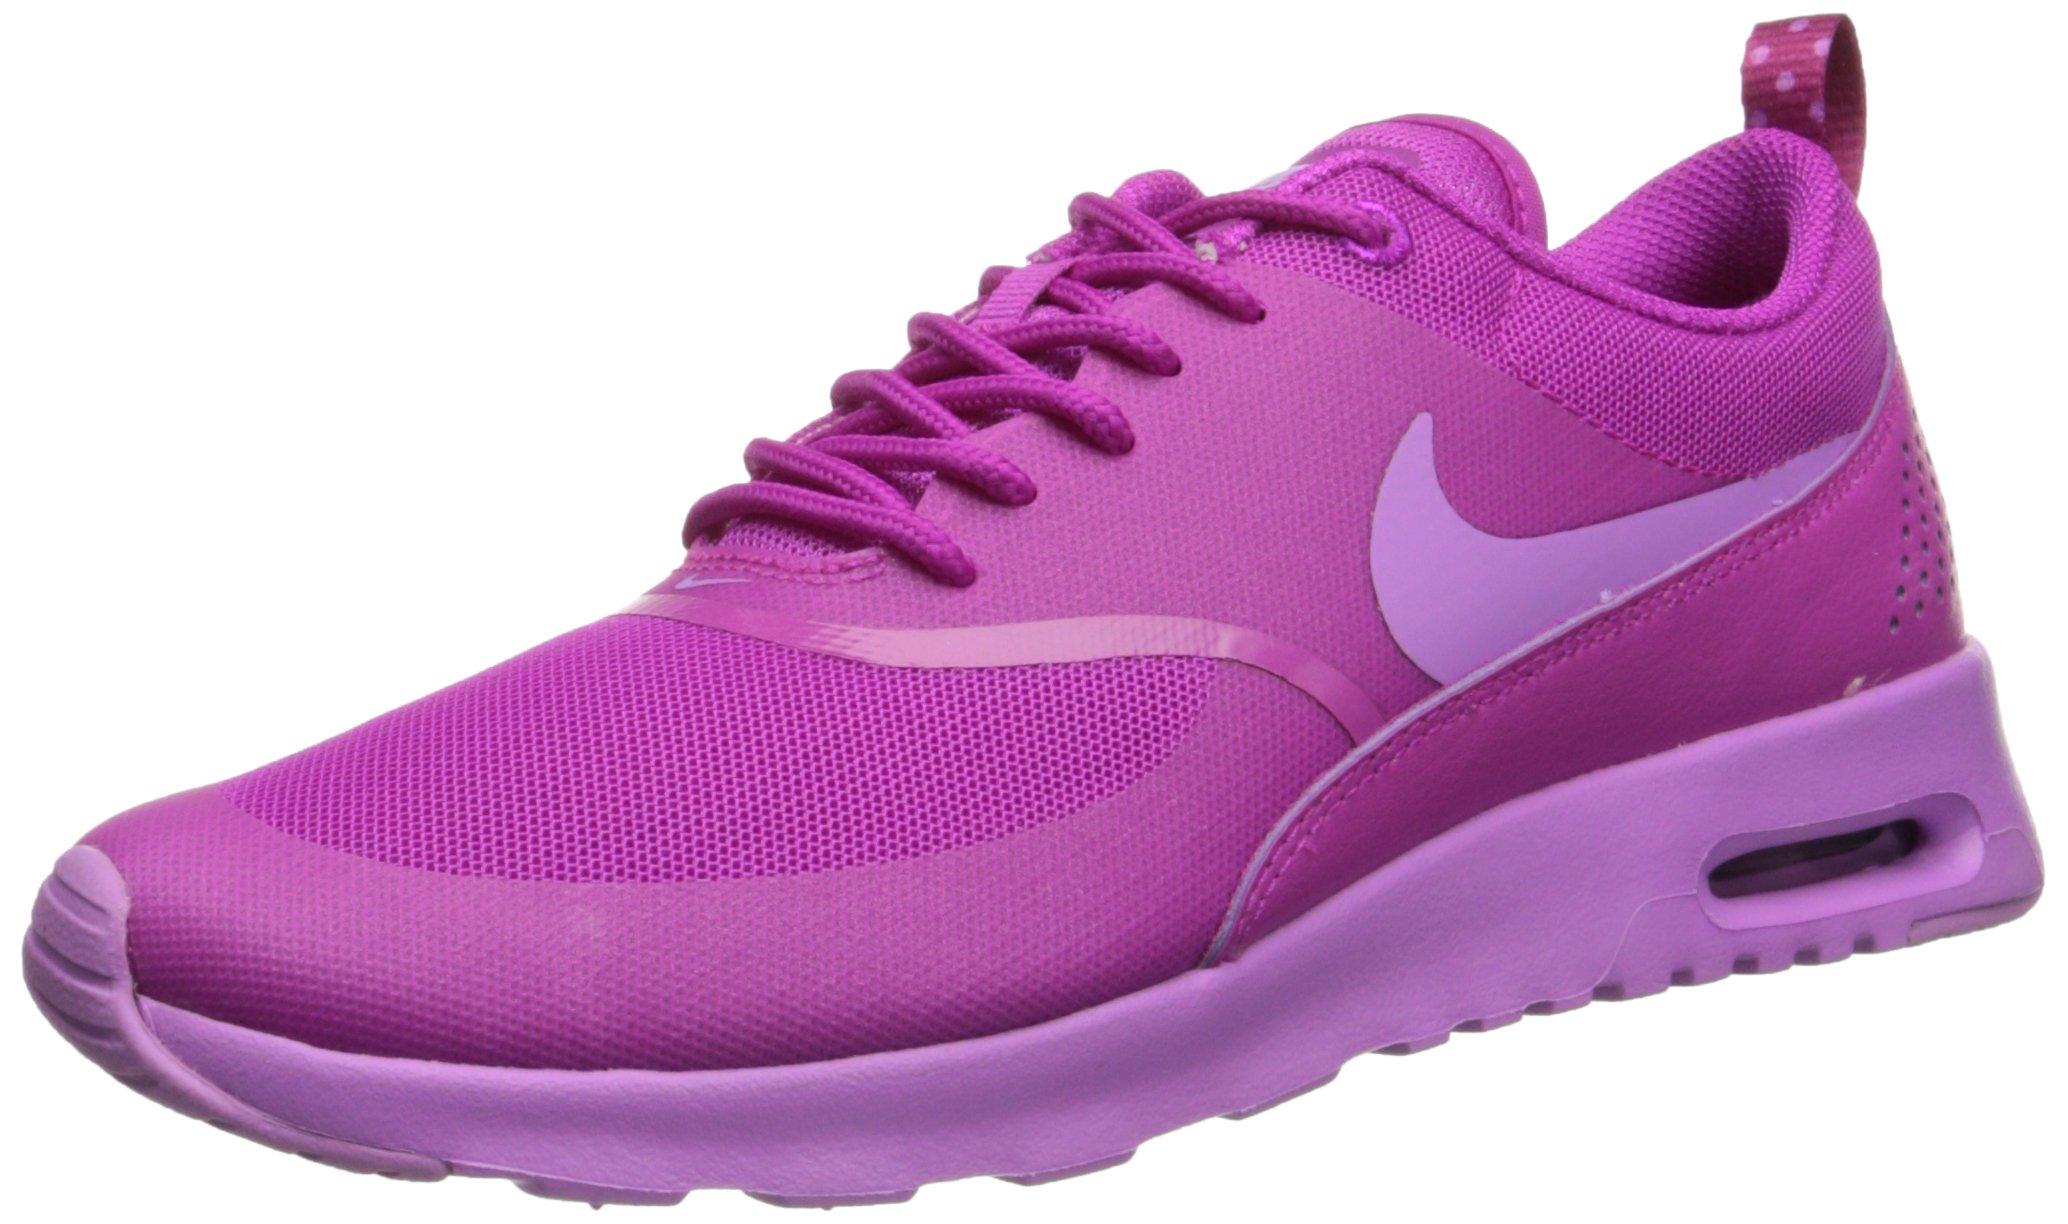 watch b94f0 55120 Galleon - Nike Womens Air Max Thea Fuchsia Flash Fuchsia Glow Running Shoe  8 Women US